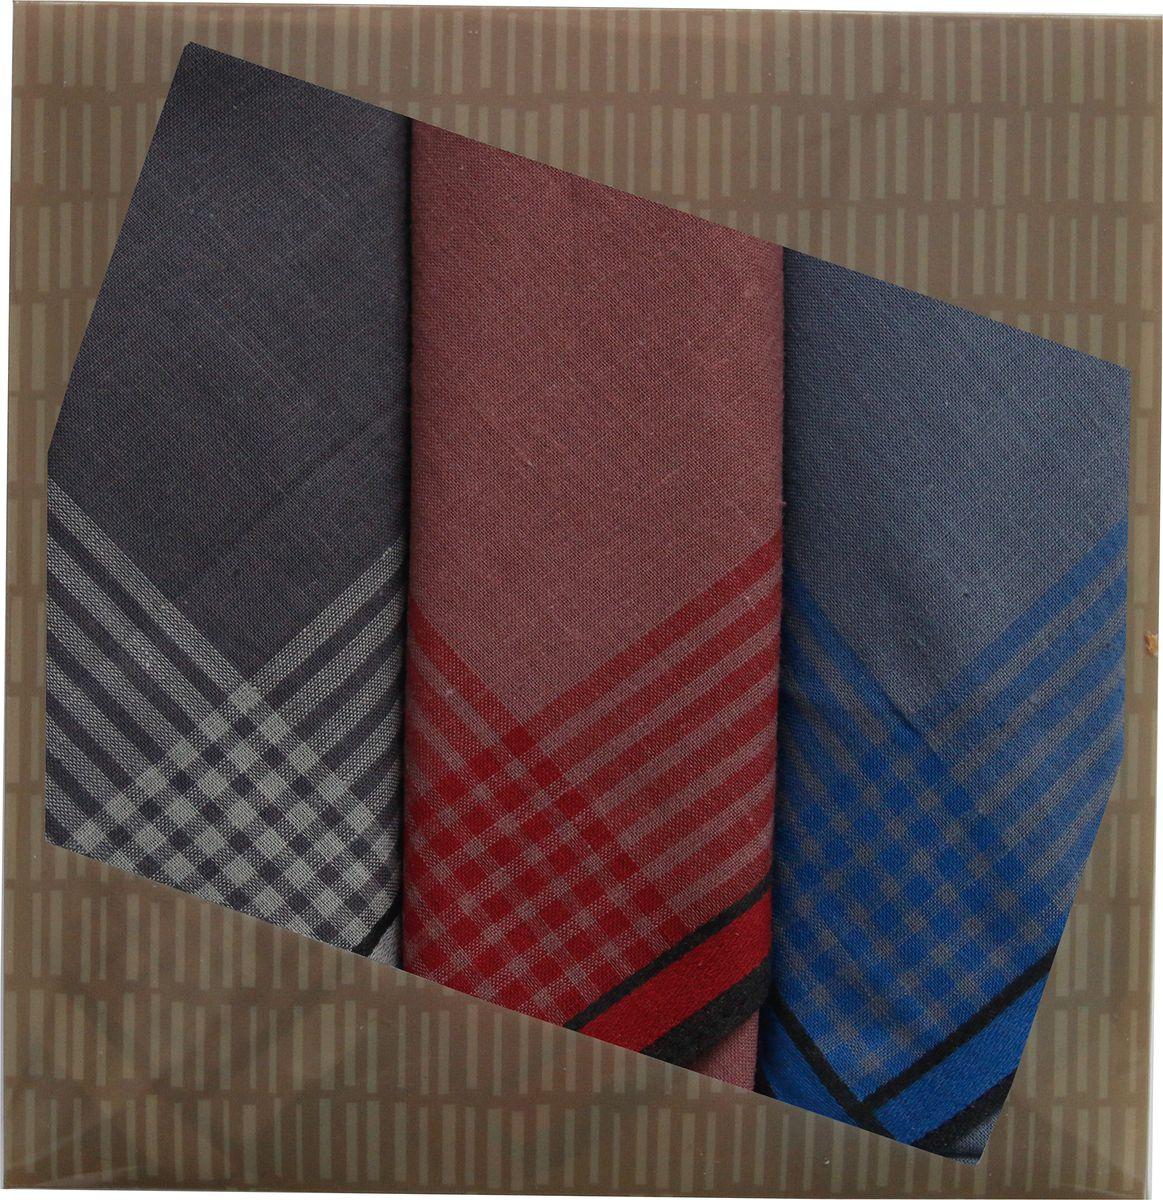 Платок носовой мужской Zlata Korunka, цвет: бордовый, 3 шт. 40315-3. Размер 43 см х 43 см40315-3